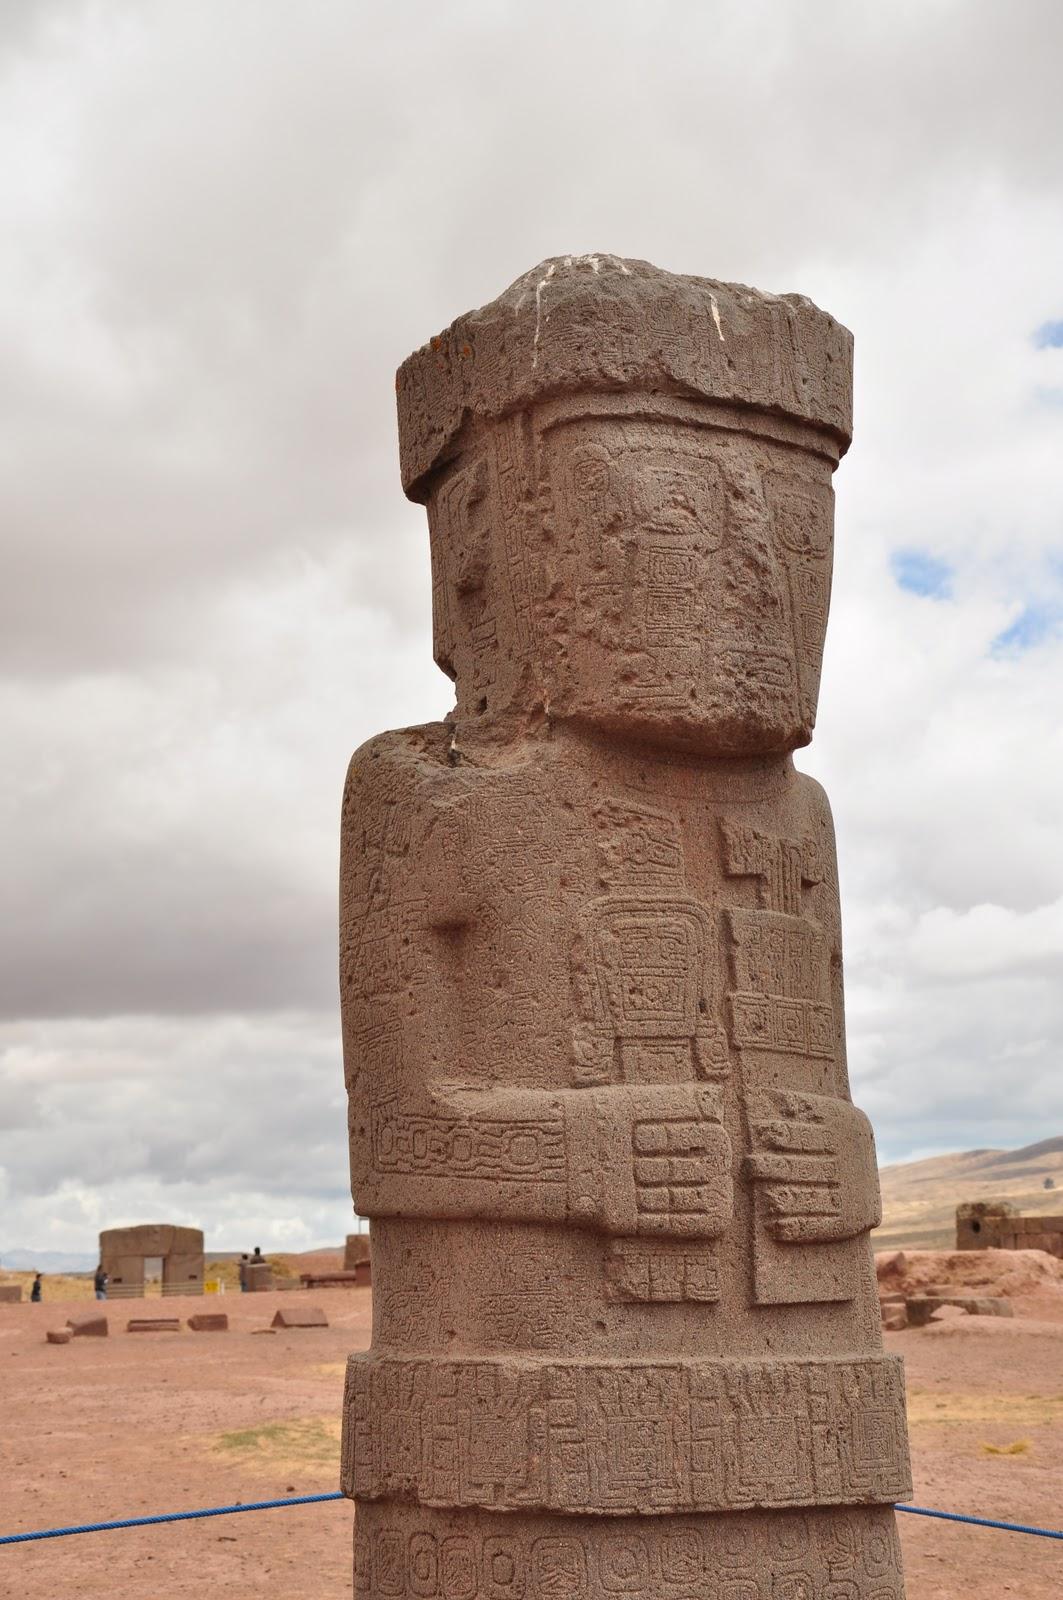 South america in style la paz bolivia